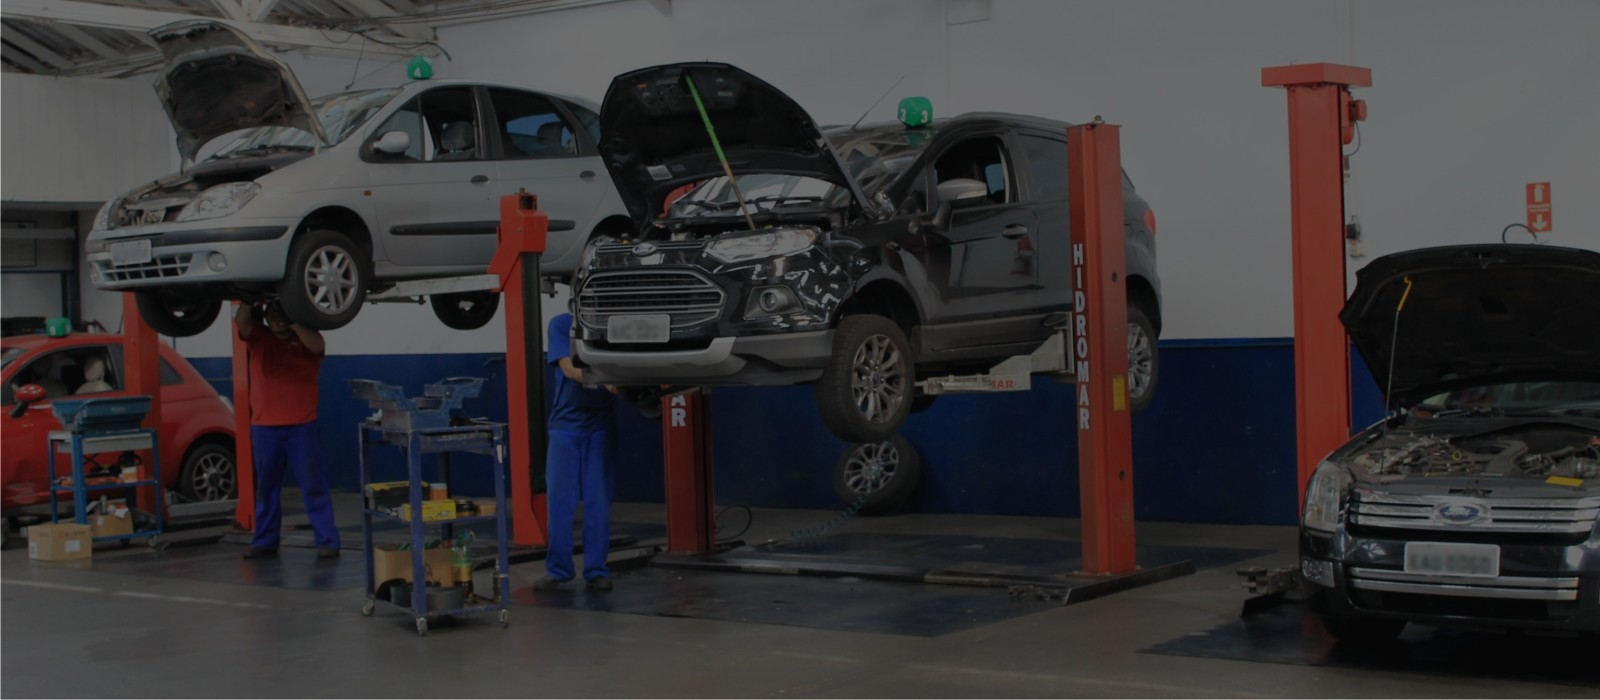 Rowal Centro Automotivo – Oficina Mecânica – Suspensão – Freios – Balanceamento – Embelezamento – Câmbio Automático – Injeção Eletrônica – Curitiba/PR – (41) 3262-6463